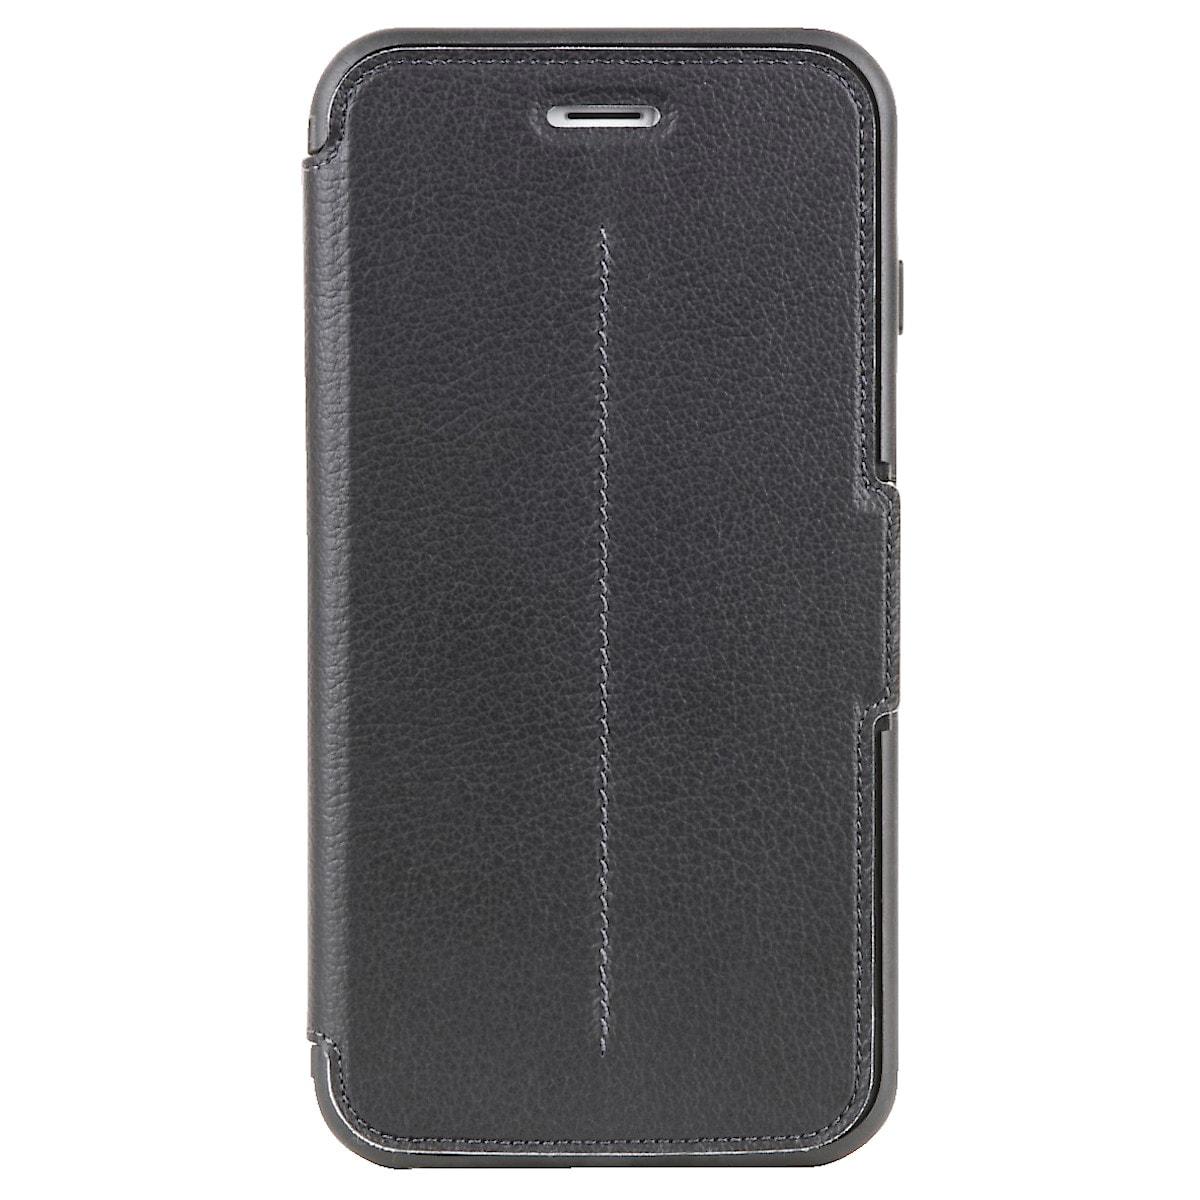 Schutzhülle für iPhone 6 Plus/6S Plus, Otterbox Strada